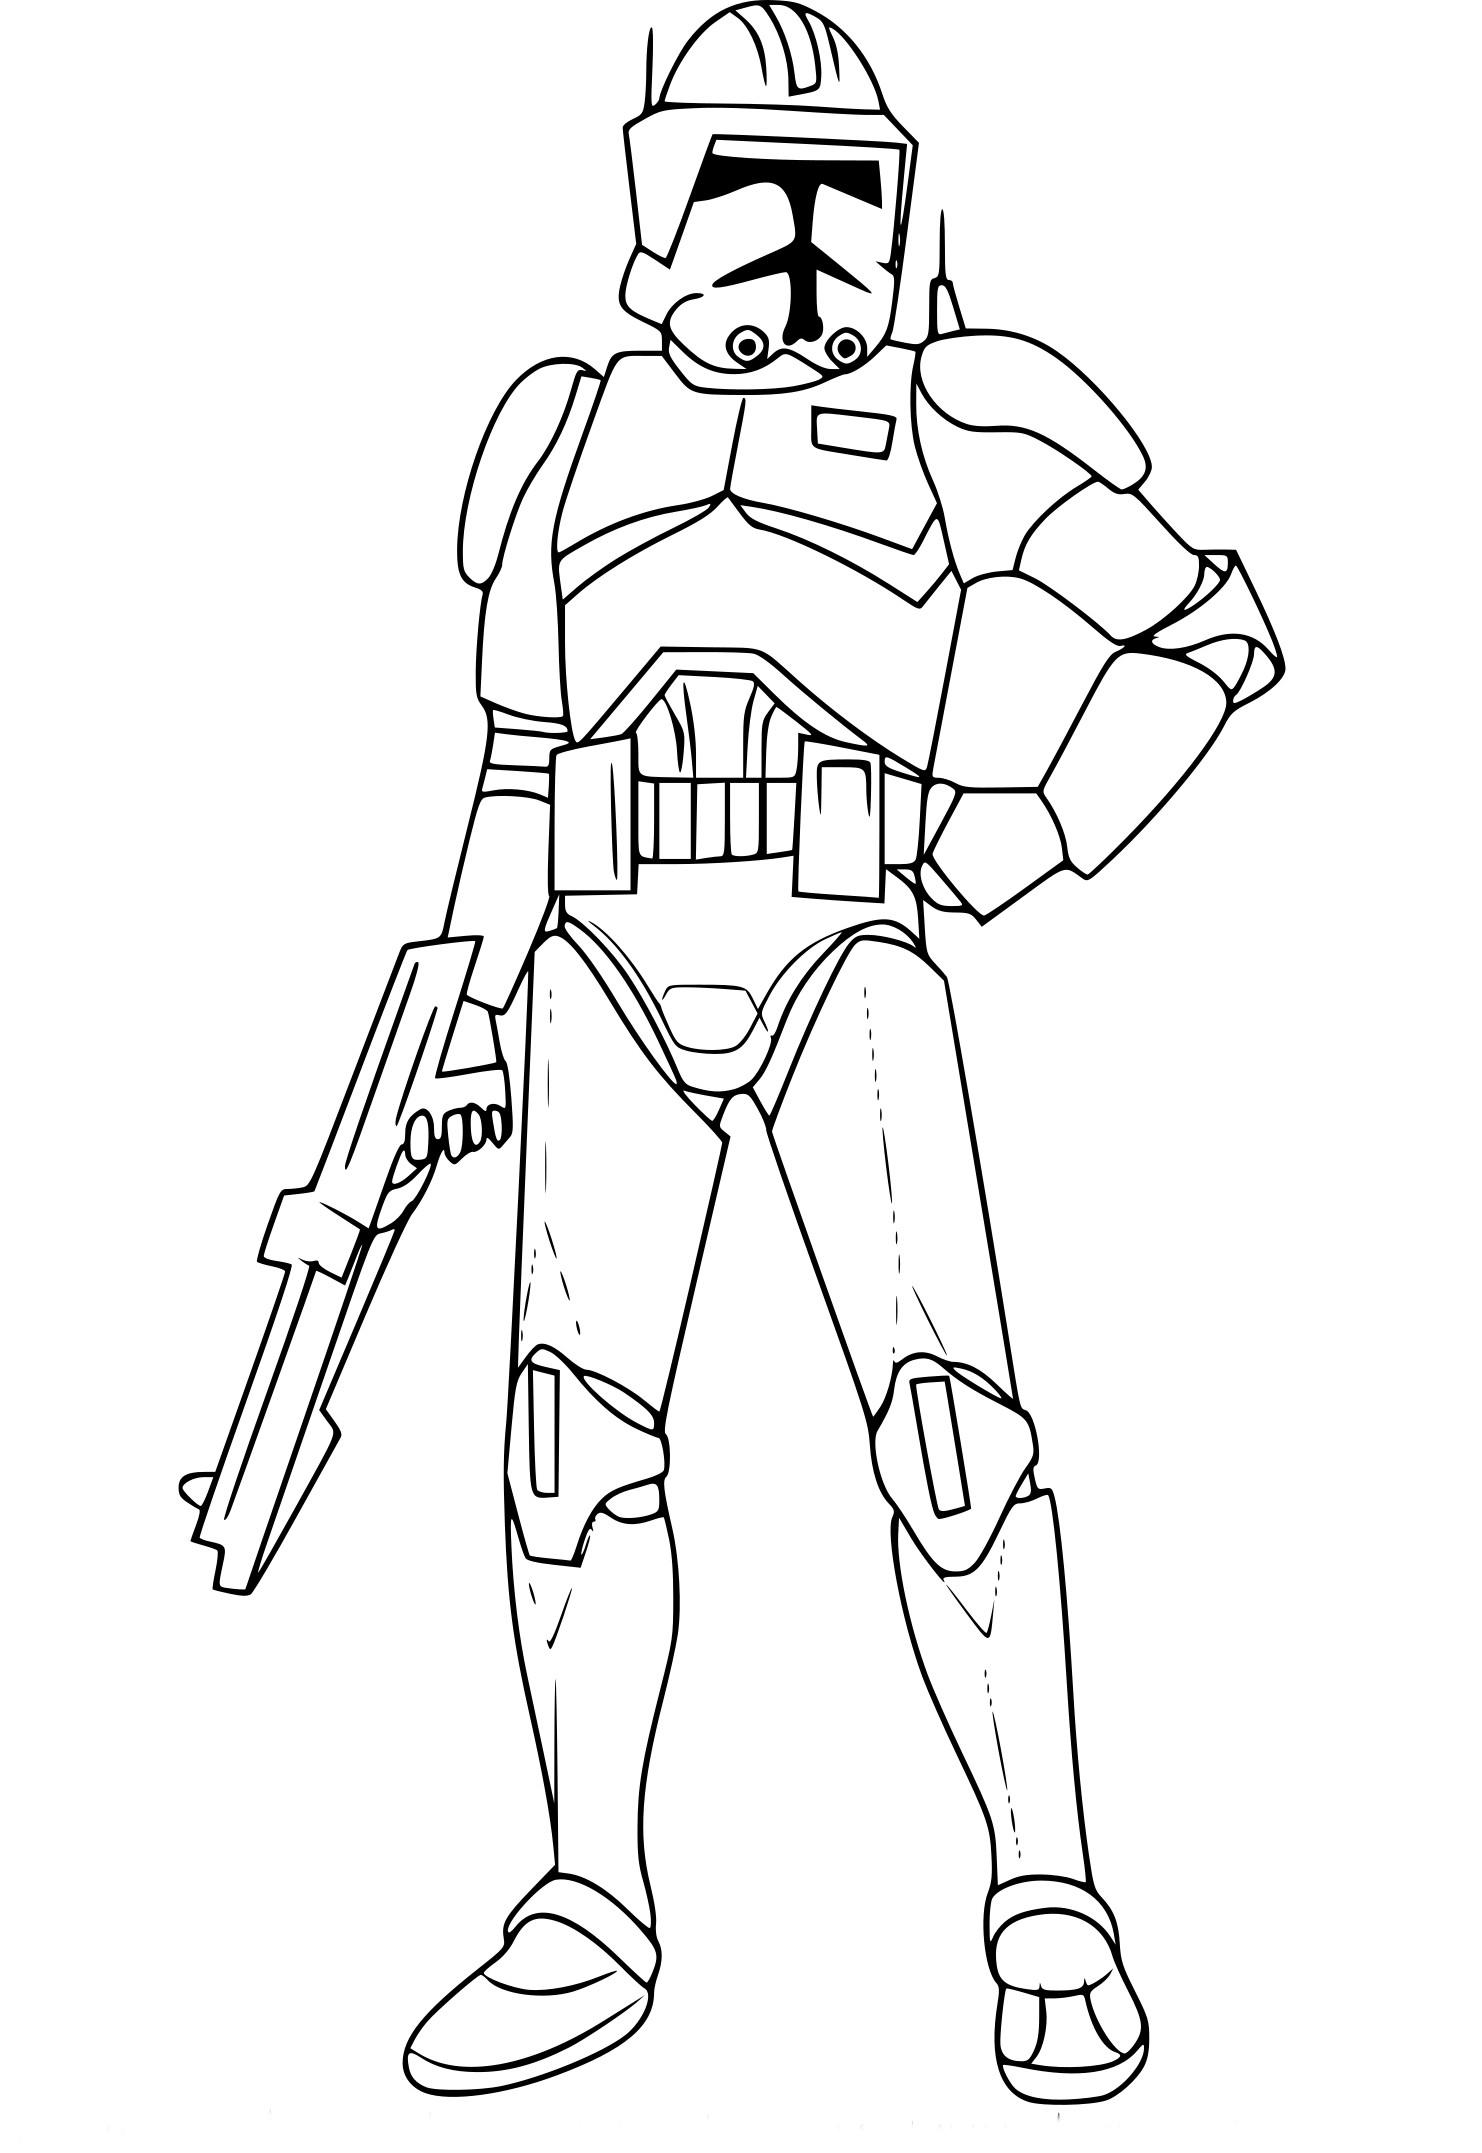 Coloriage Cody Star Wars À Imprimer à Coloriage Robot À Imprimer